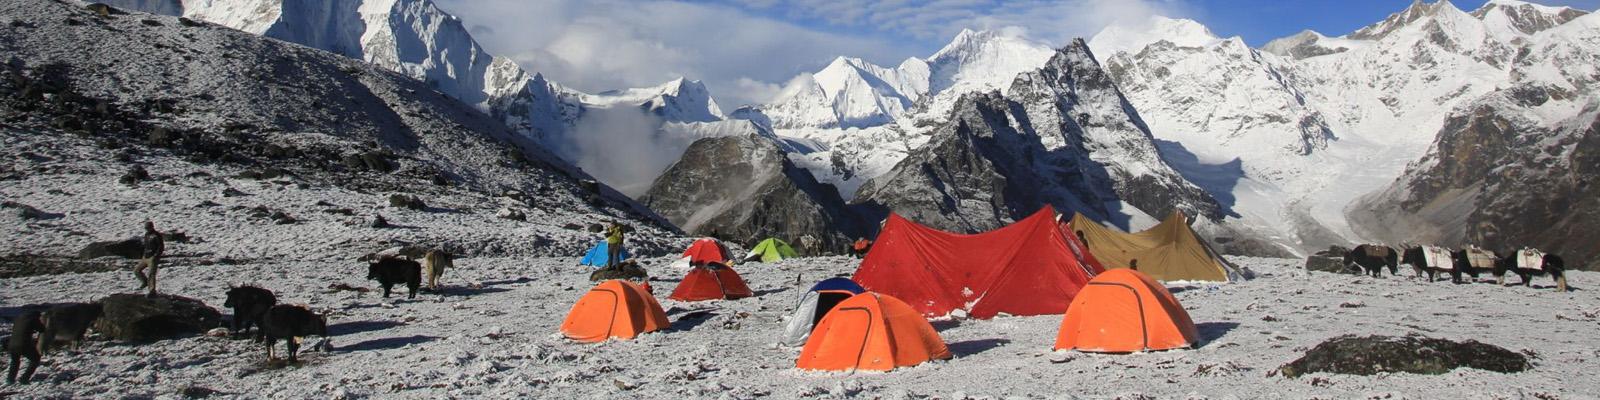 Tibet Group Tour,Tibet Trekking Tours